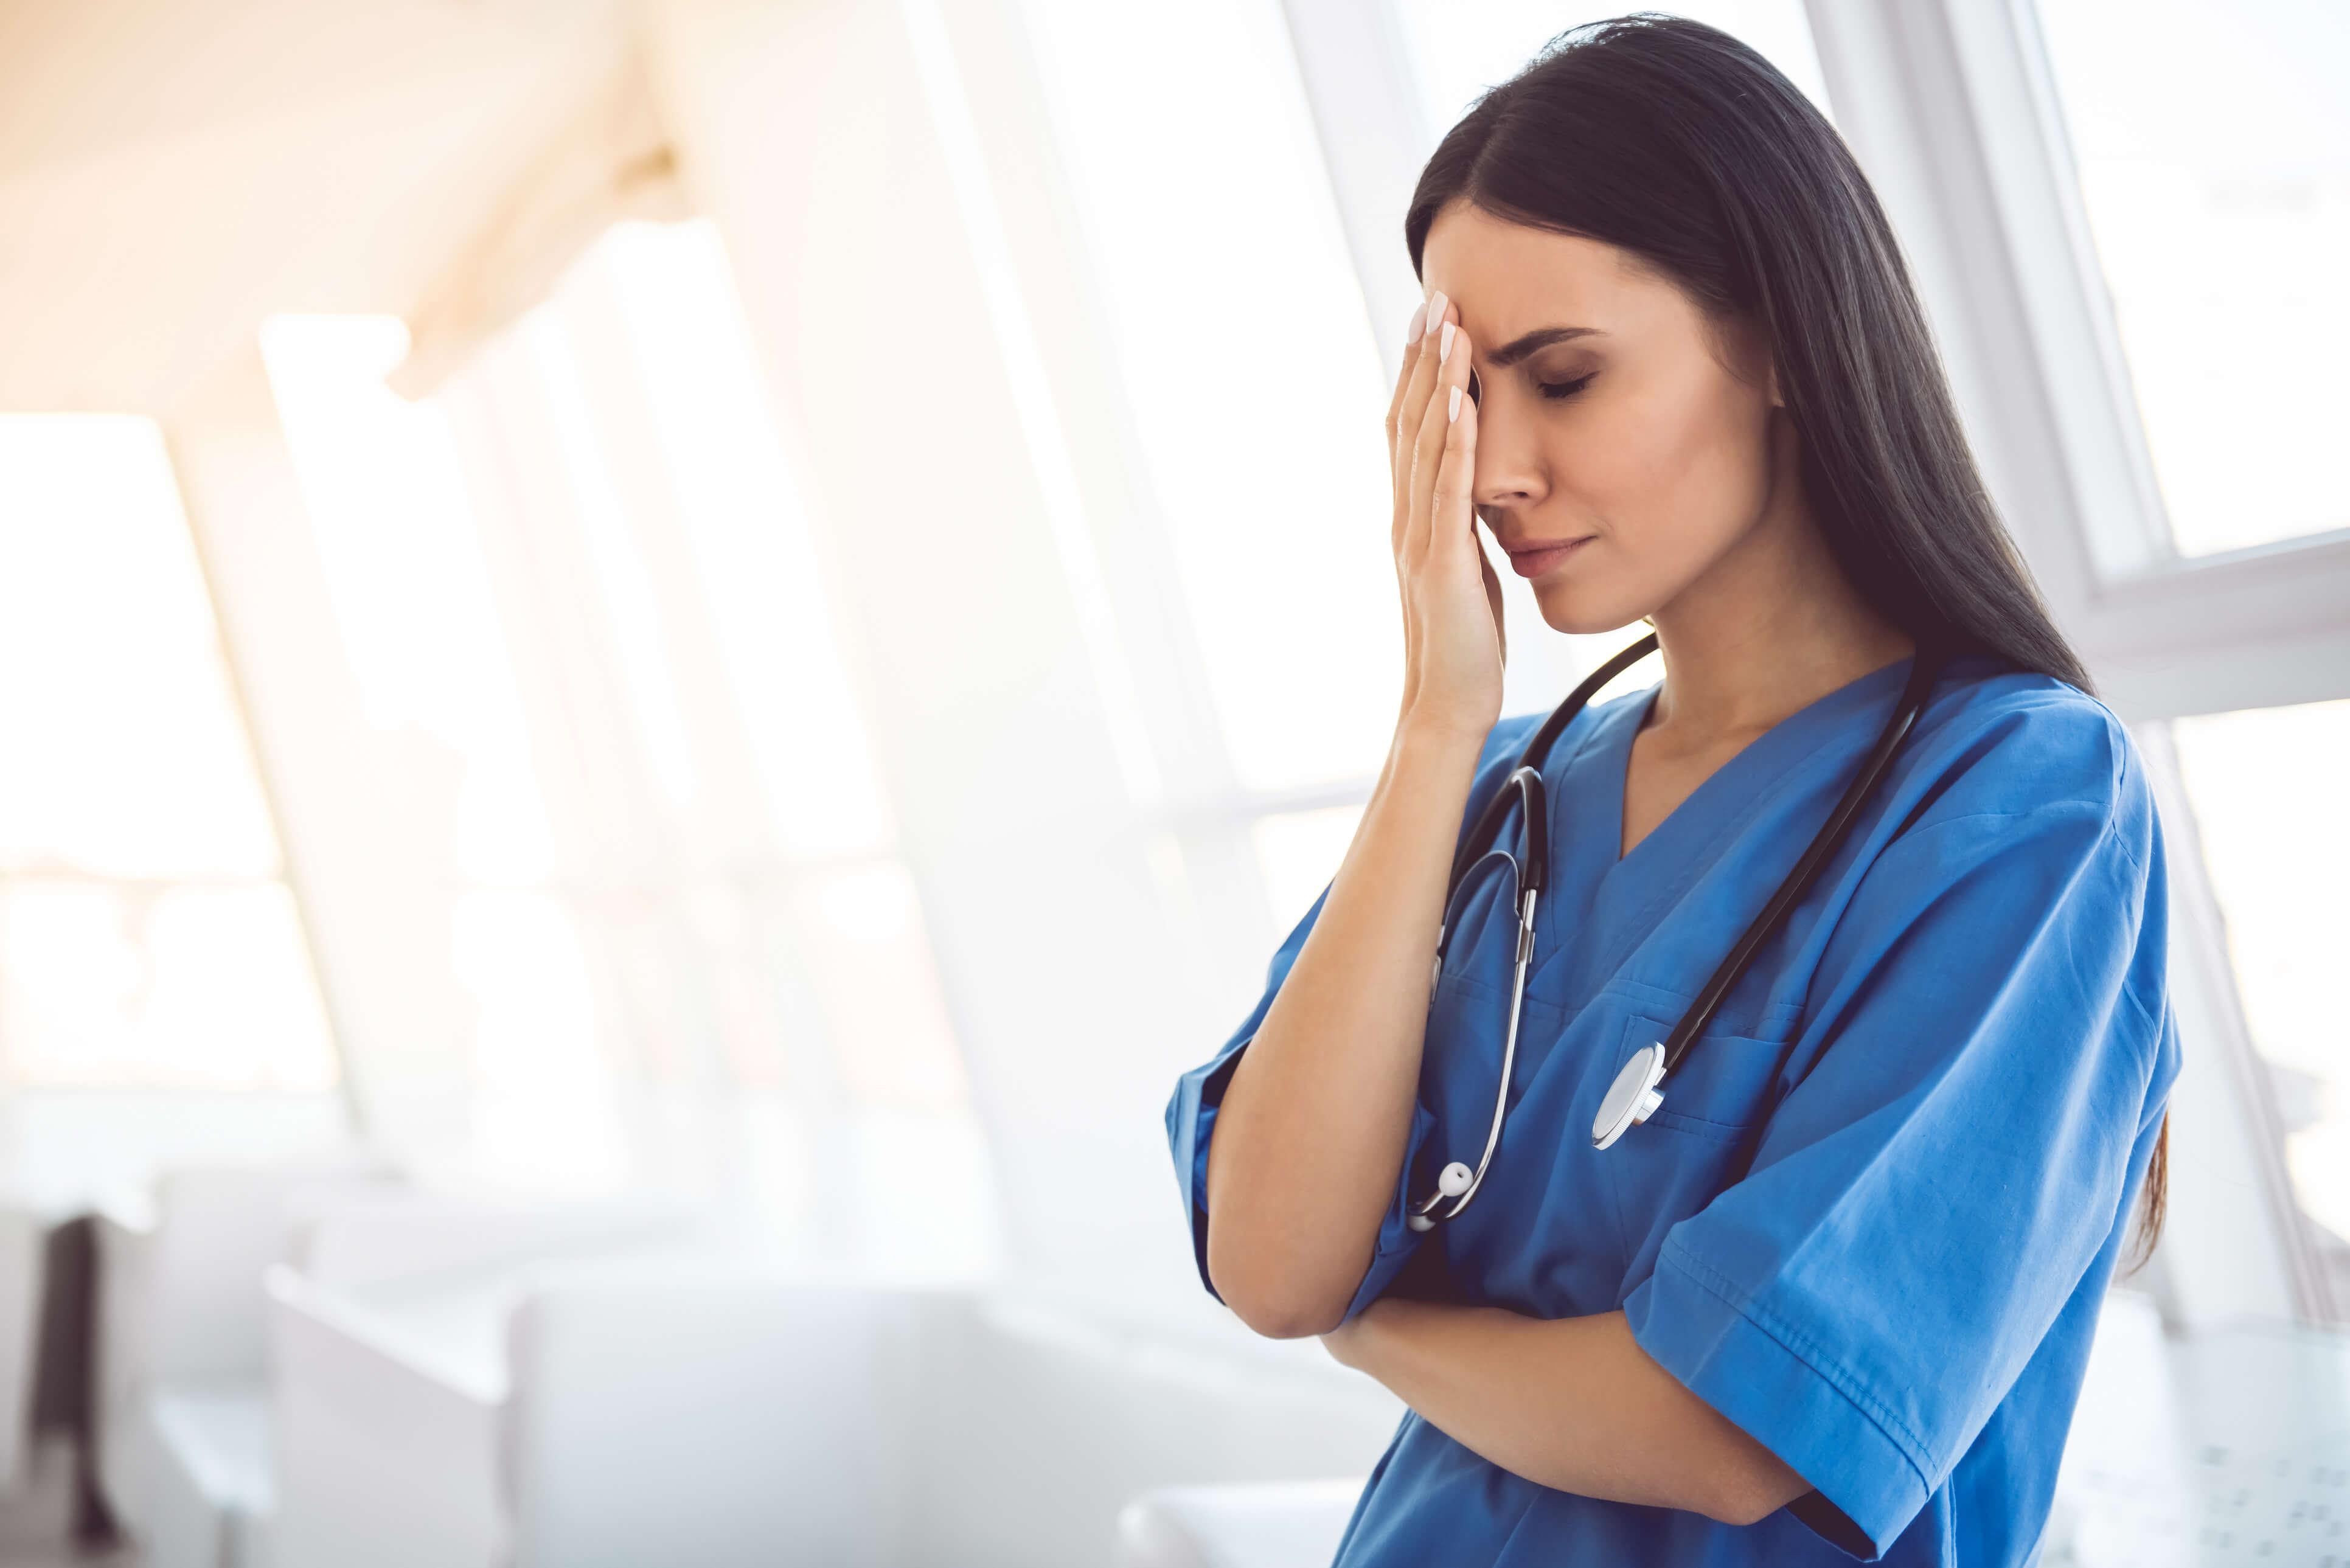 Le risque de cancer augmente chez les infirmières qui travaillent de nuit !